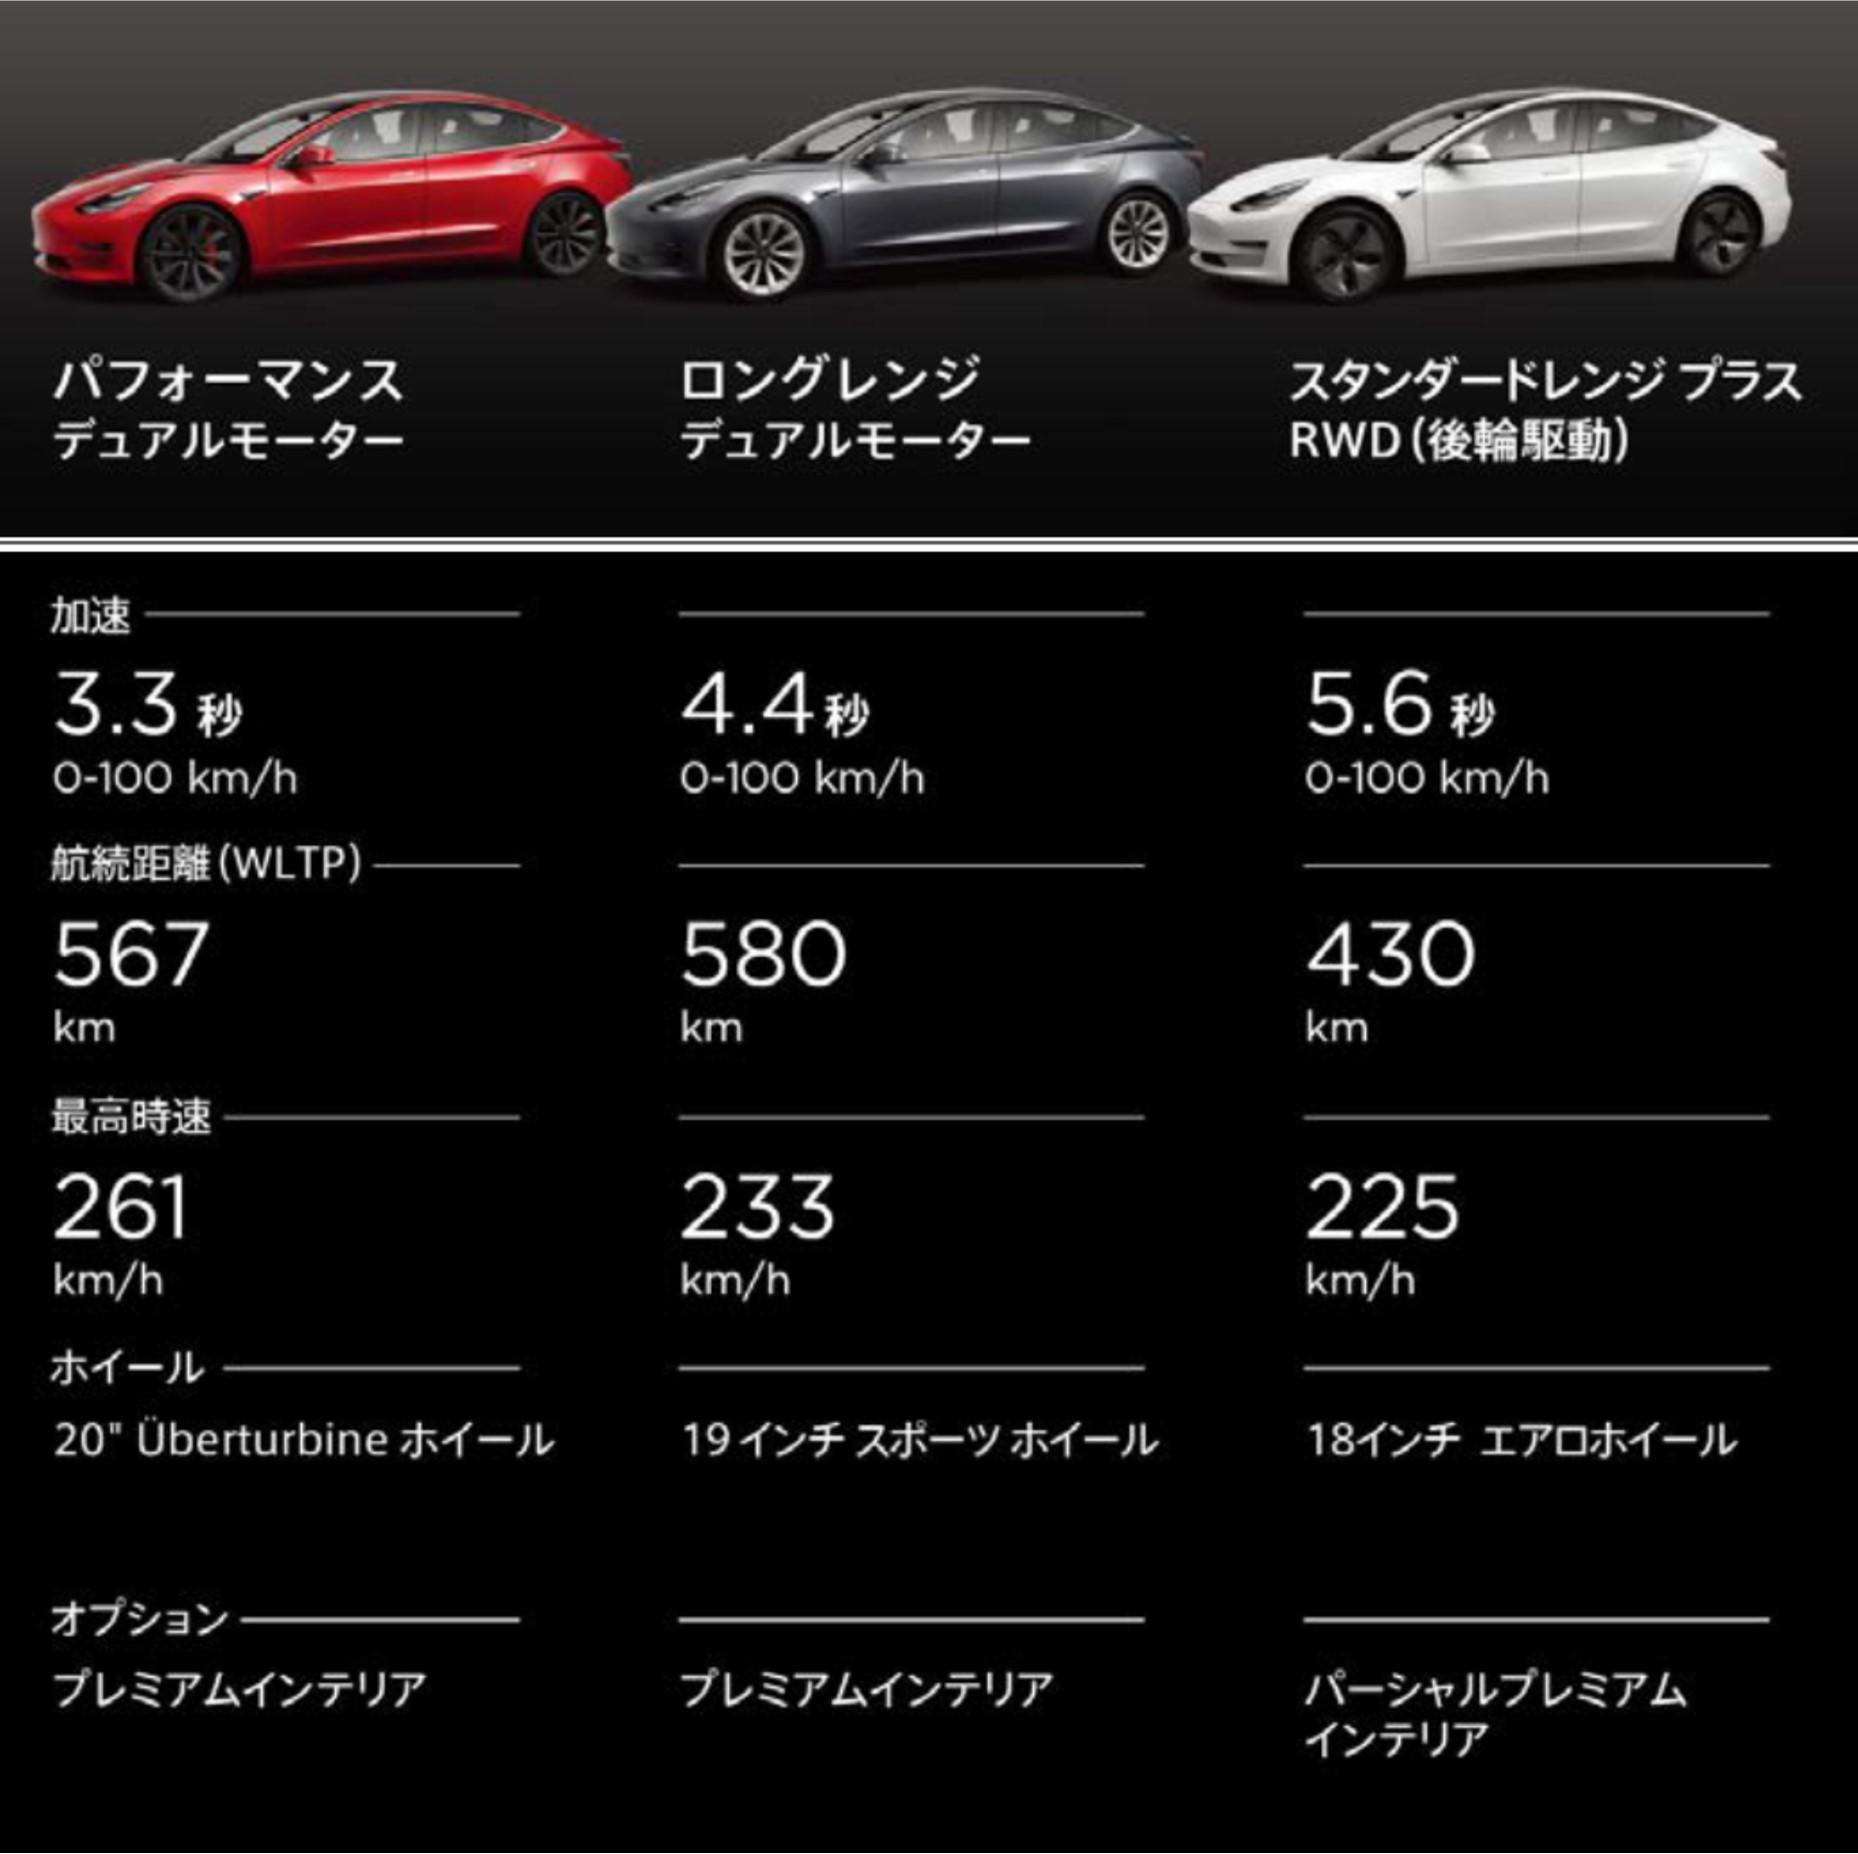 150万円以上下がったモデルも!手頃な価格になったテスラのEVセダン「Model 3」